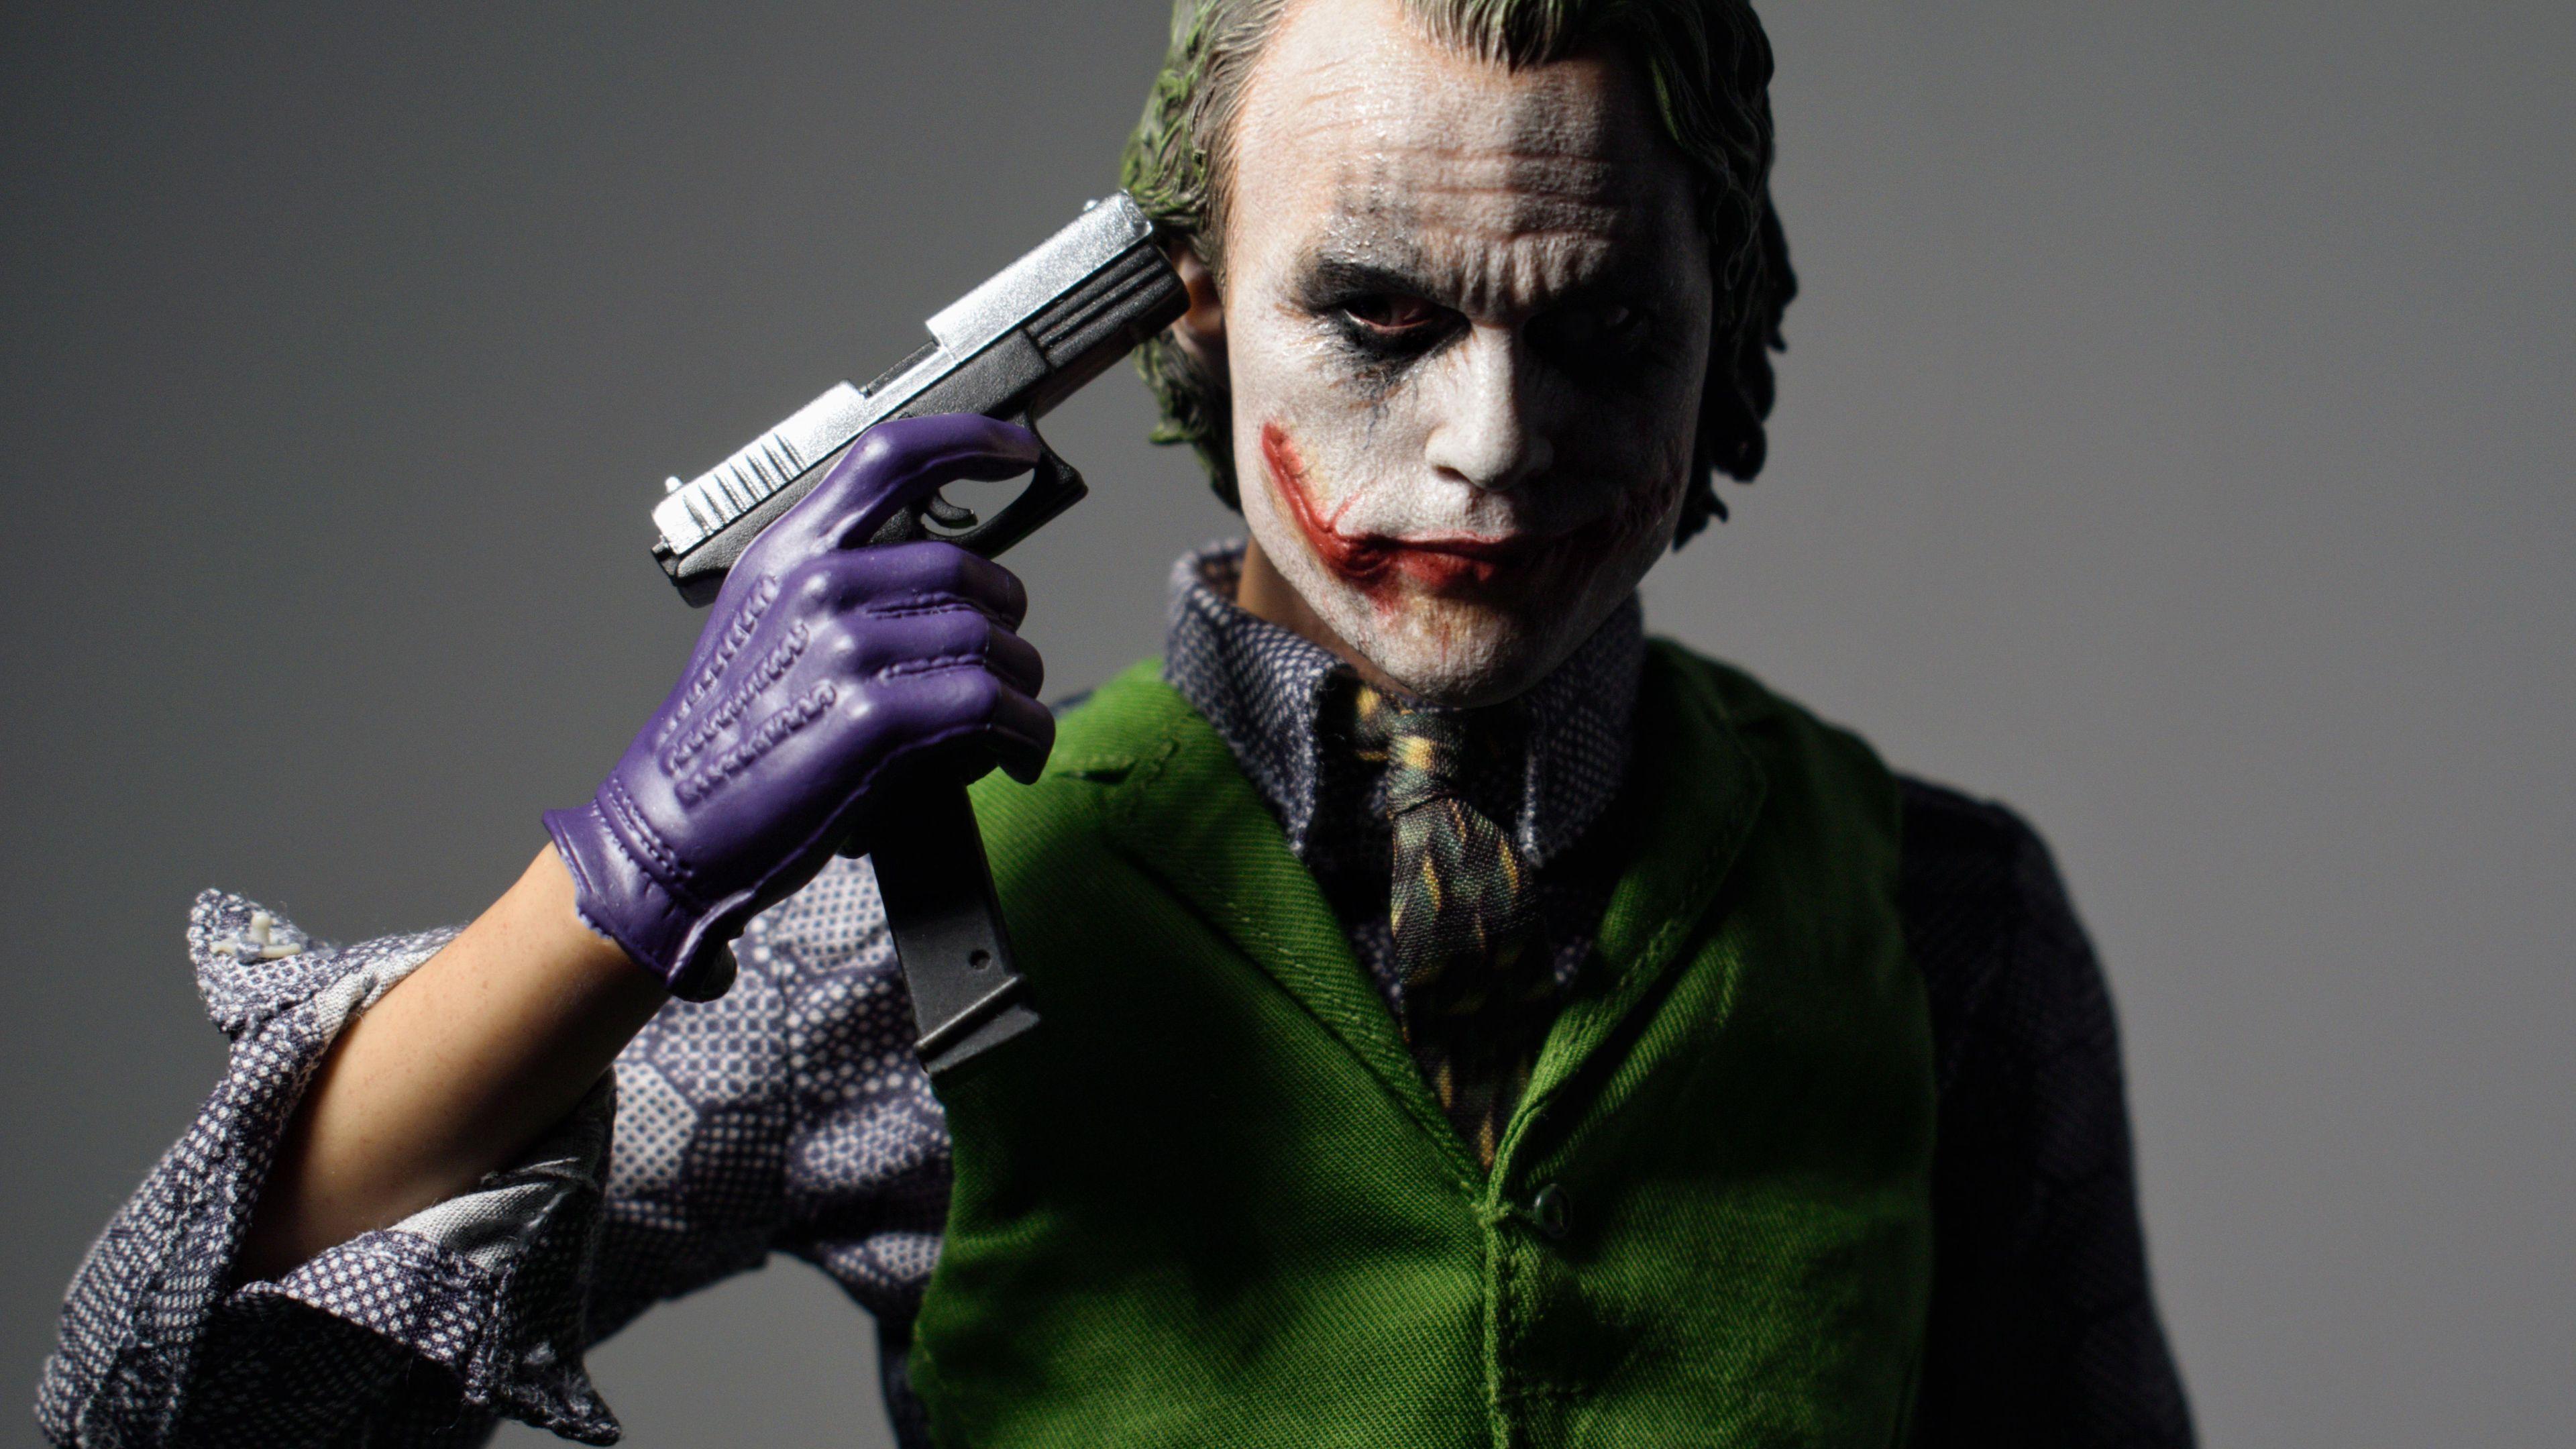 Joker 4k New Art supervillain wallpapers, superheroes ...